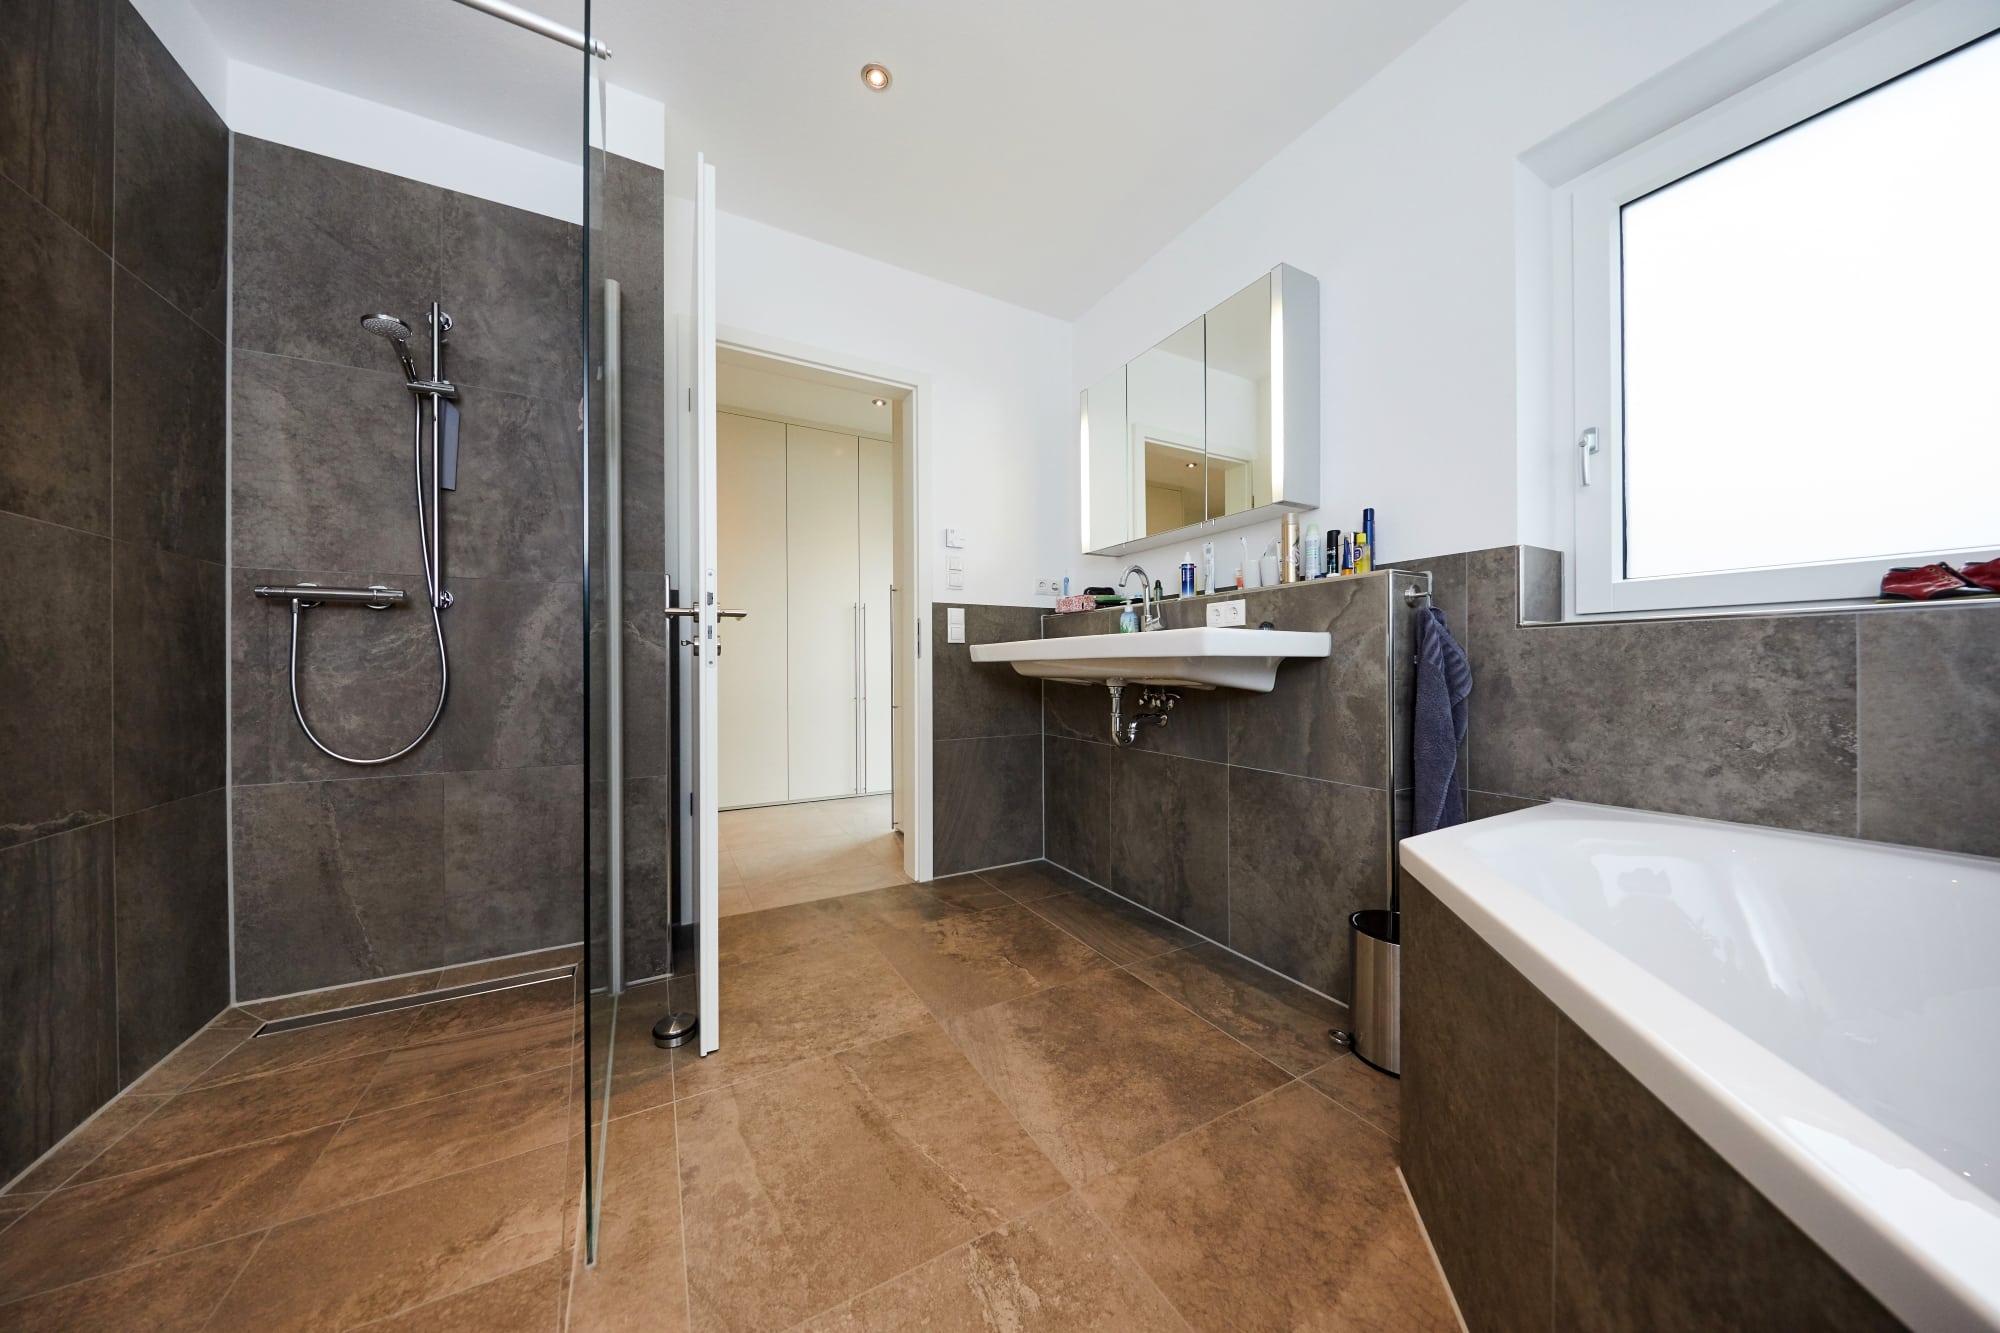 Badezimmer mit bodengleiche Dusche - Ideen Inneneinrichtung Doppelhaushälfte Monza von GUSSEK HAUS - HausbauDirekt.de